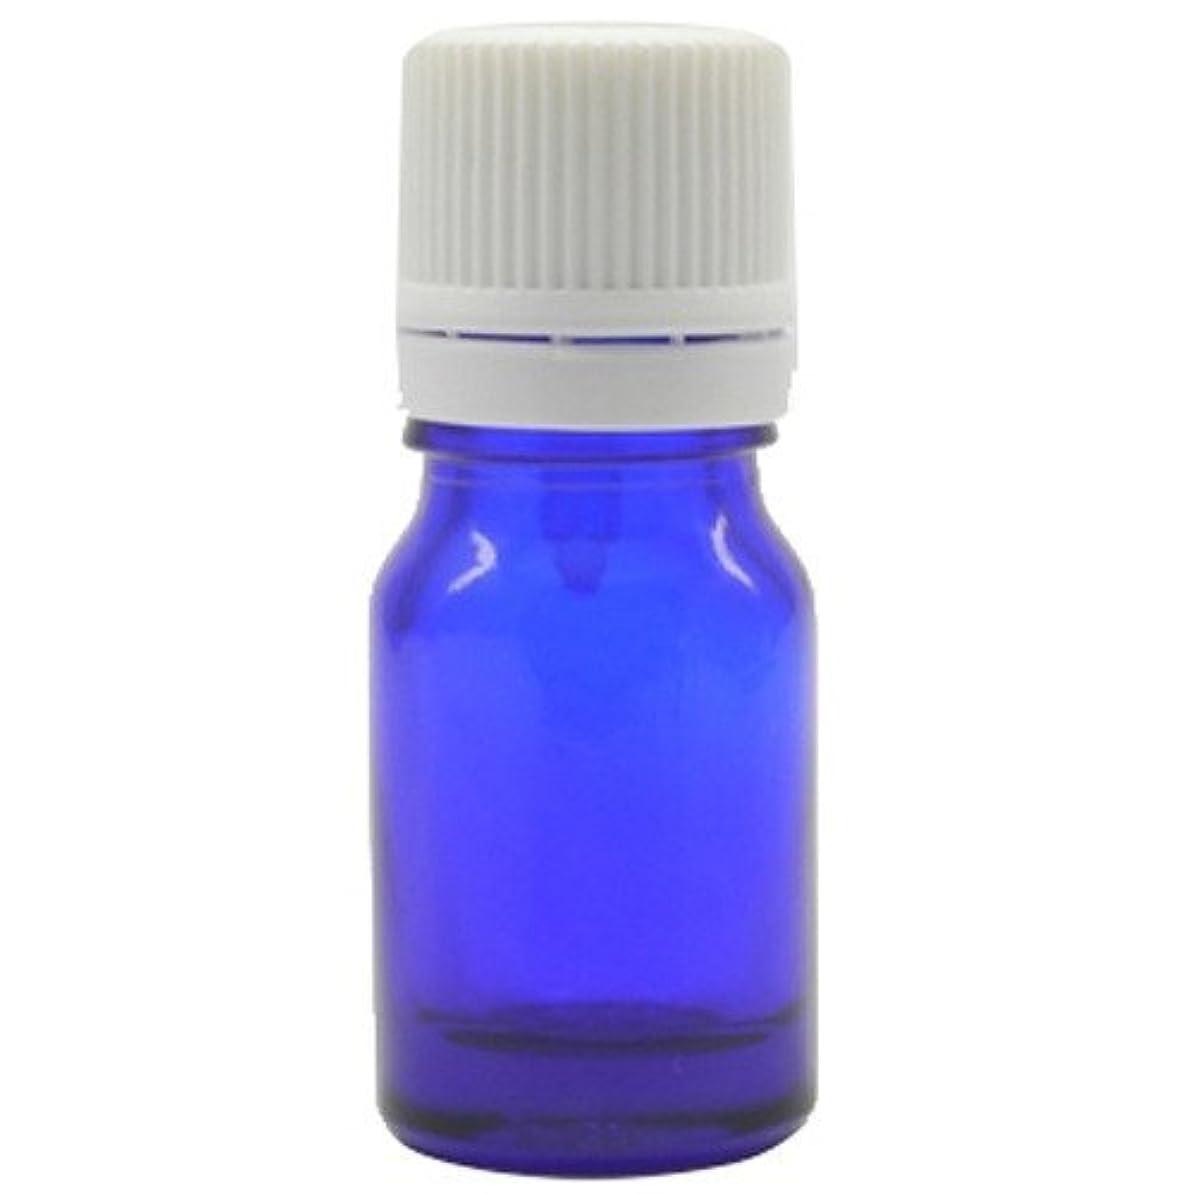 愛するふさわしい瞑想的アロマアンドライフ (K)ブルー瓶5mlドロップ栓白キャップ 3本セット